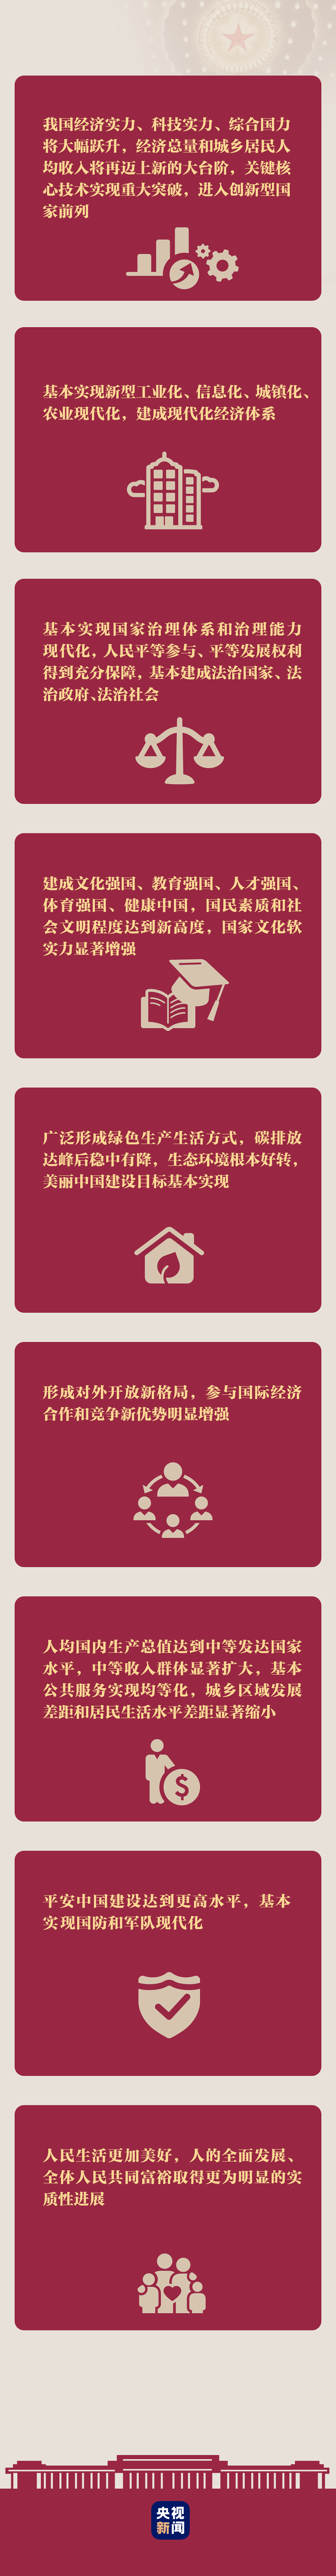 欧方就香港选举制度改革发声明 中国驻欧盟使团回应